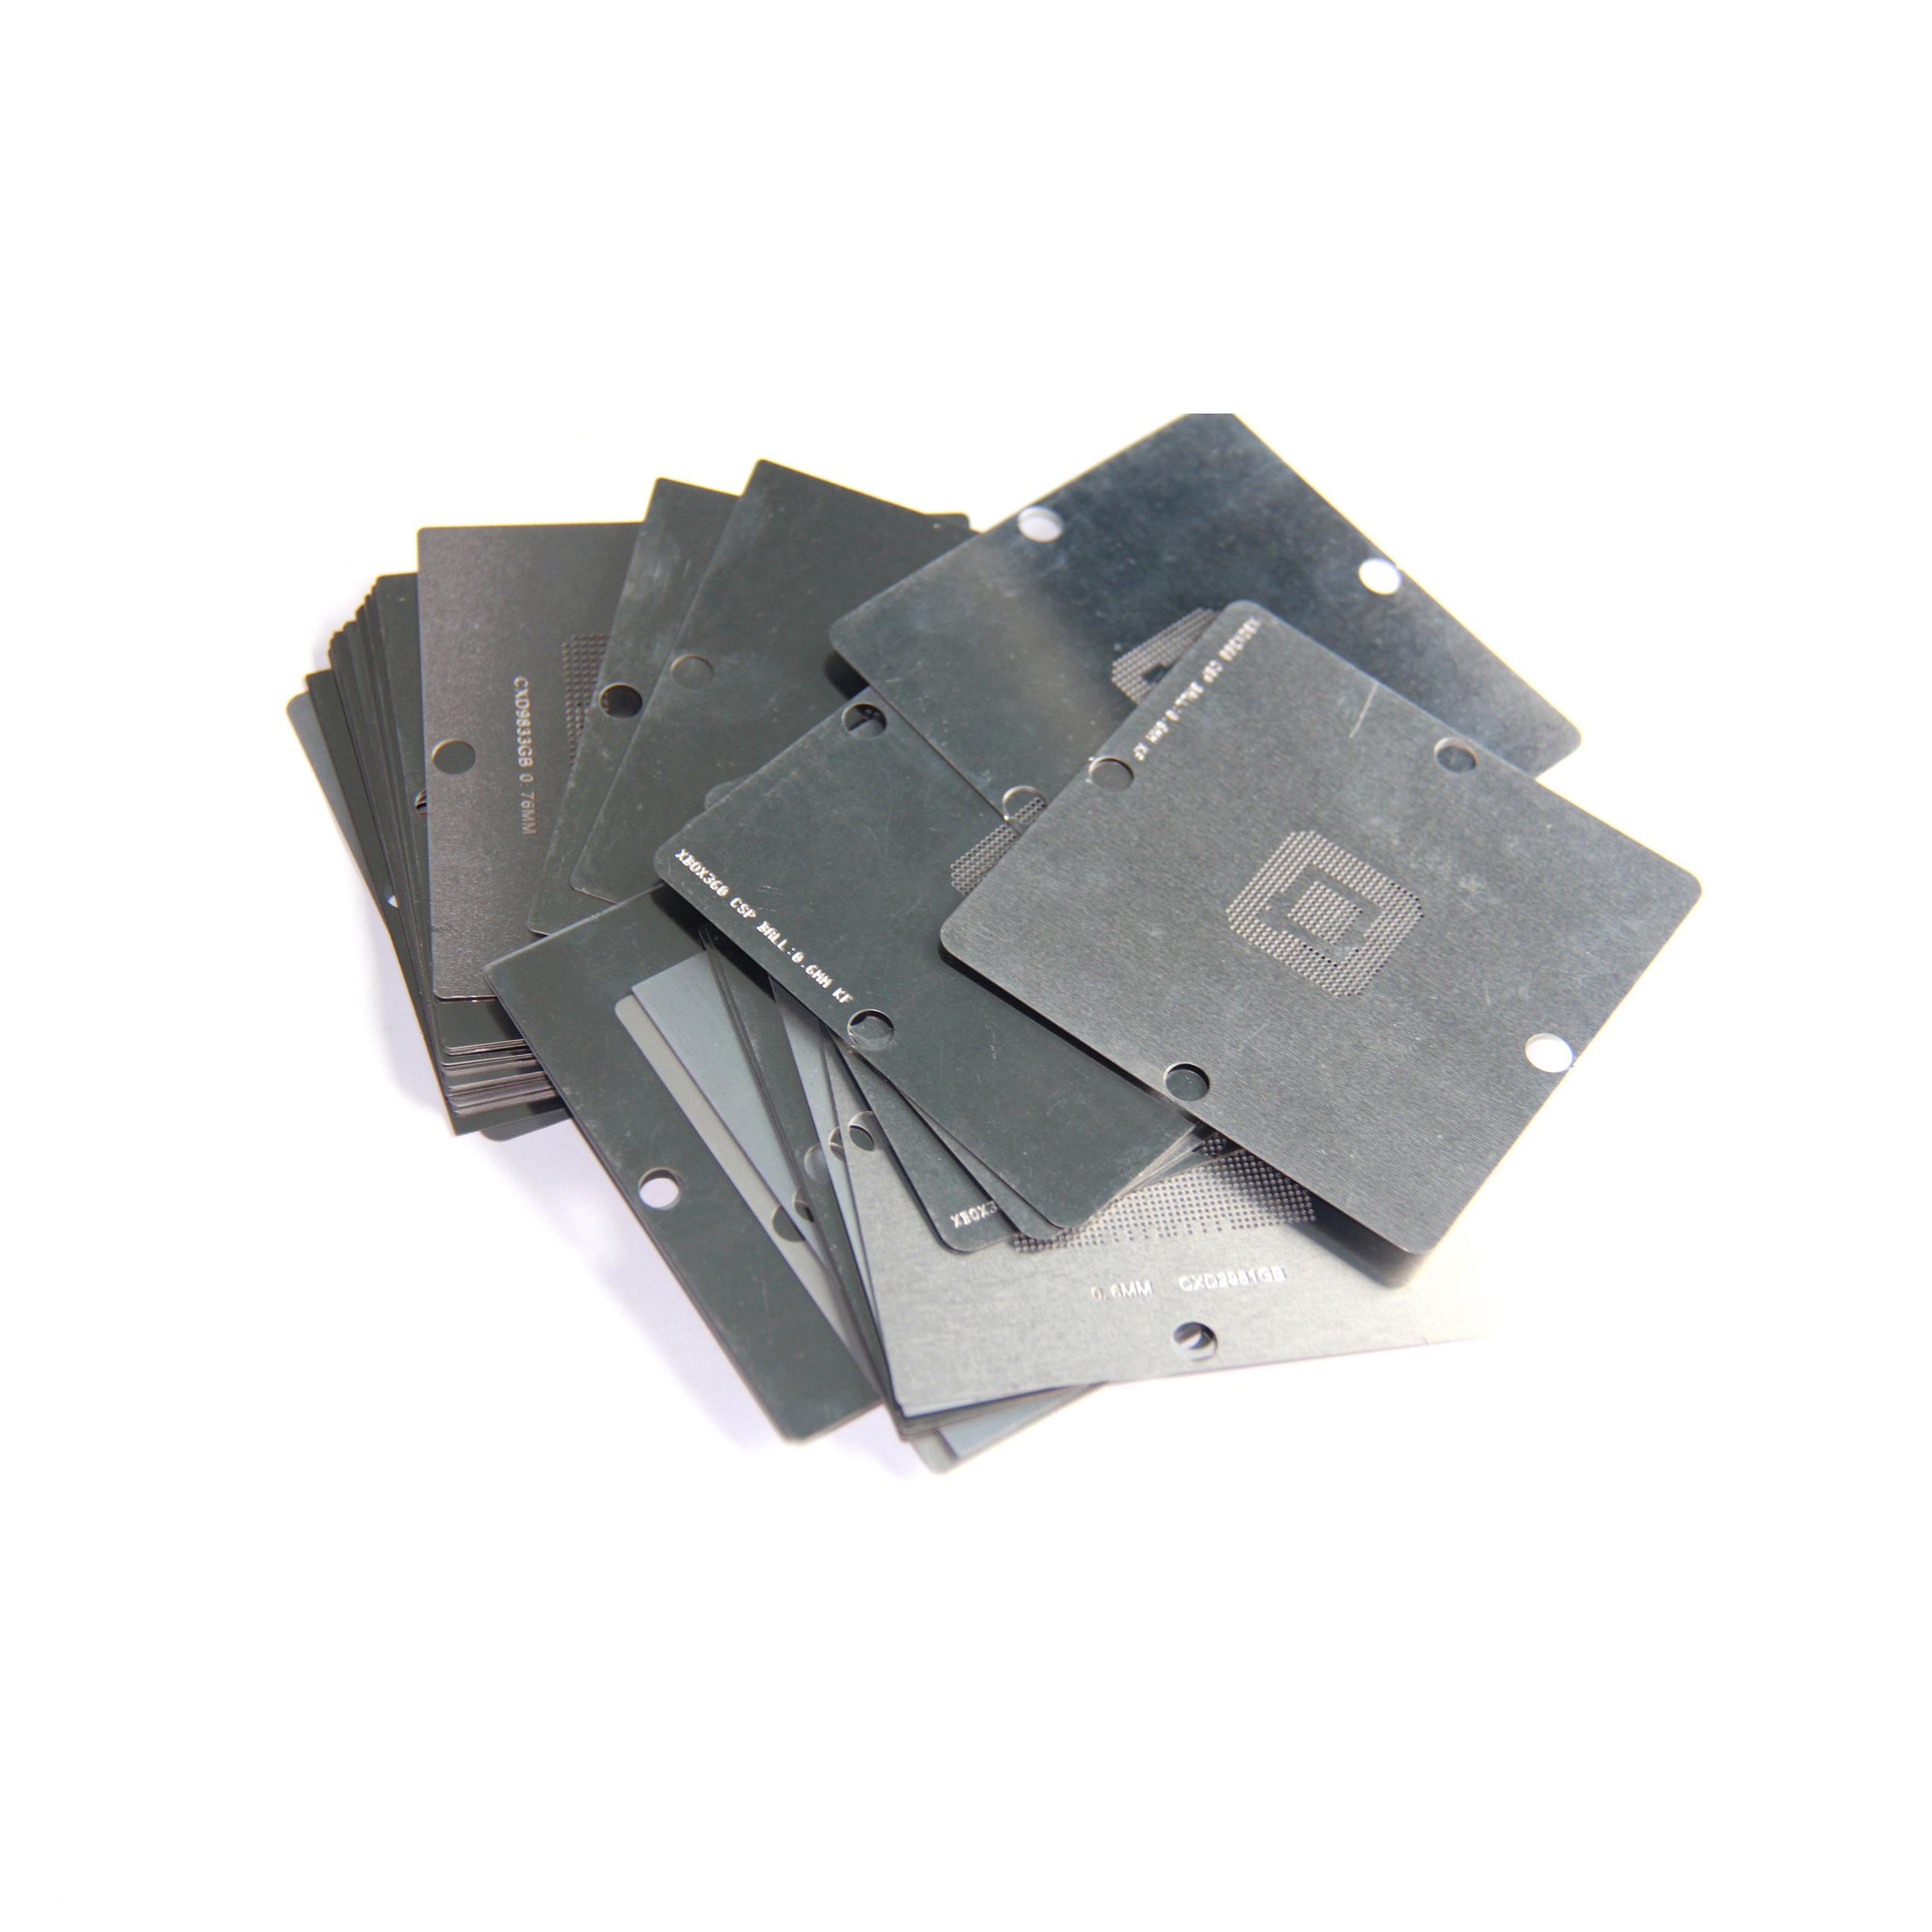 促销 全套PS3 植球钢网 PS3 锡珠植珠网 过球网 18PCS 游戏机网